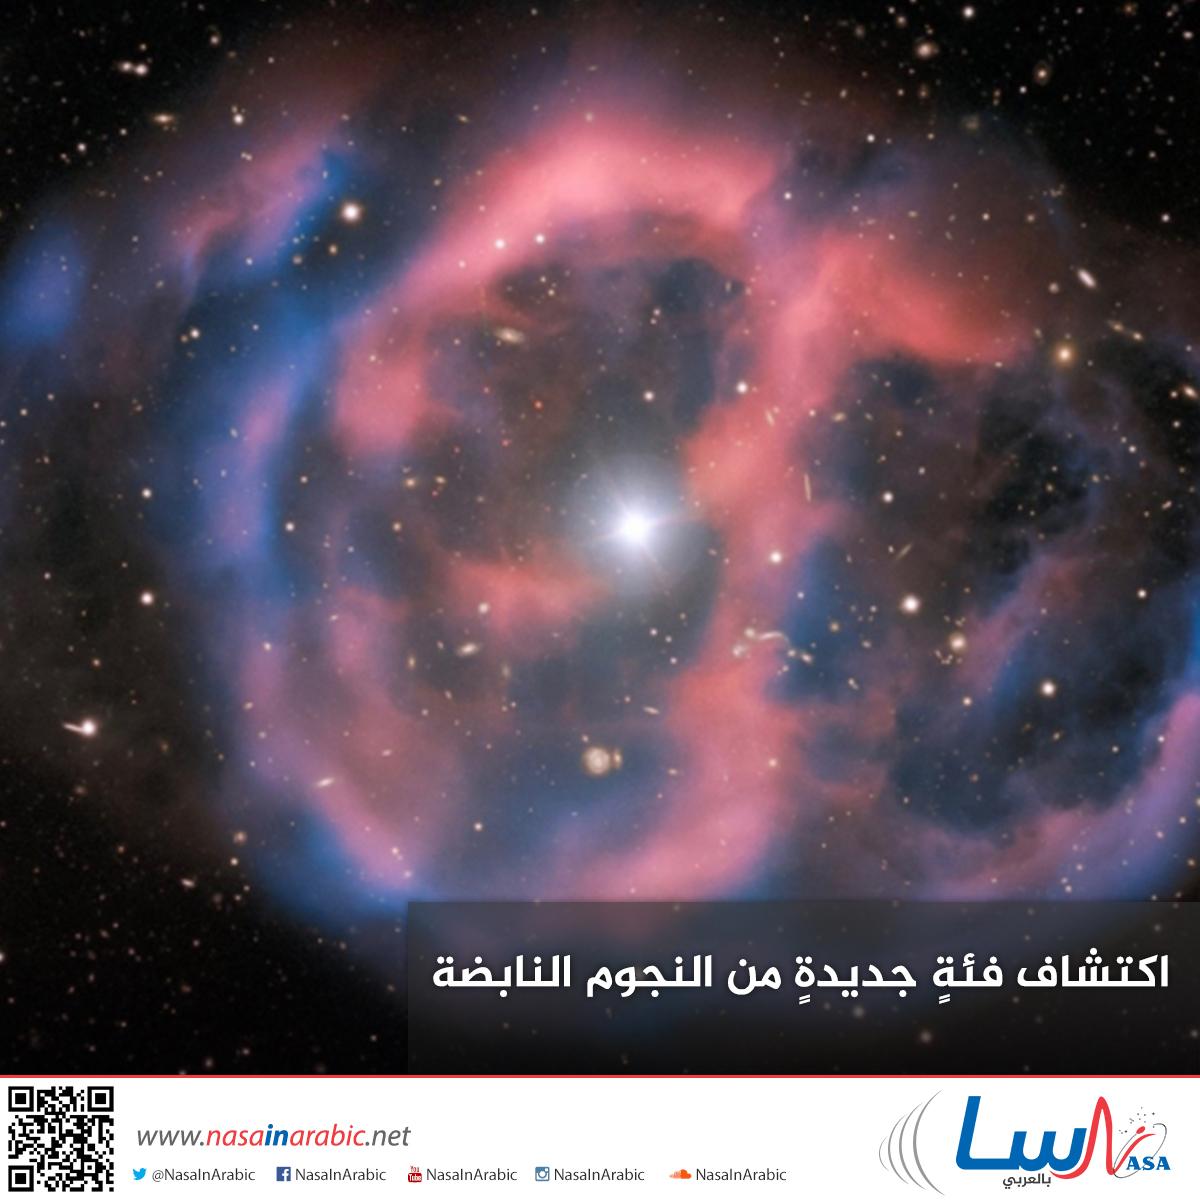 اكتشاف فئةٍ جديدةٍ من النجوم النابضة